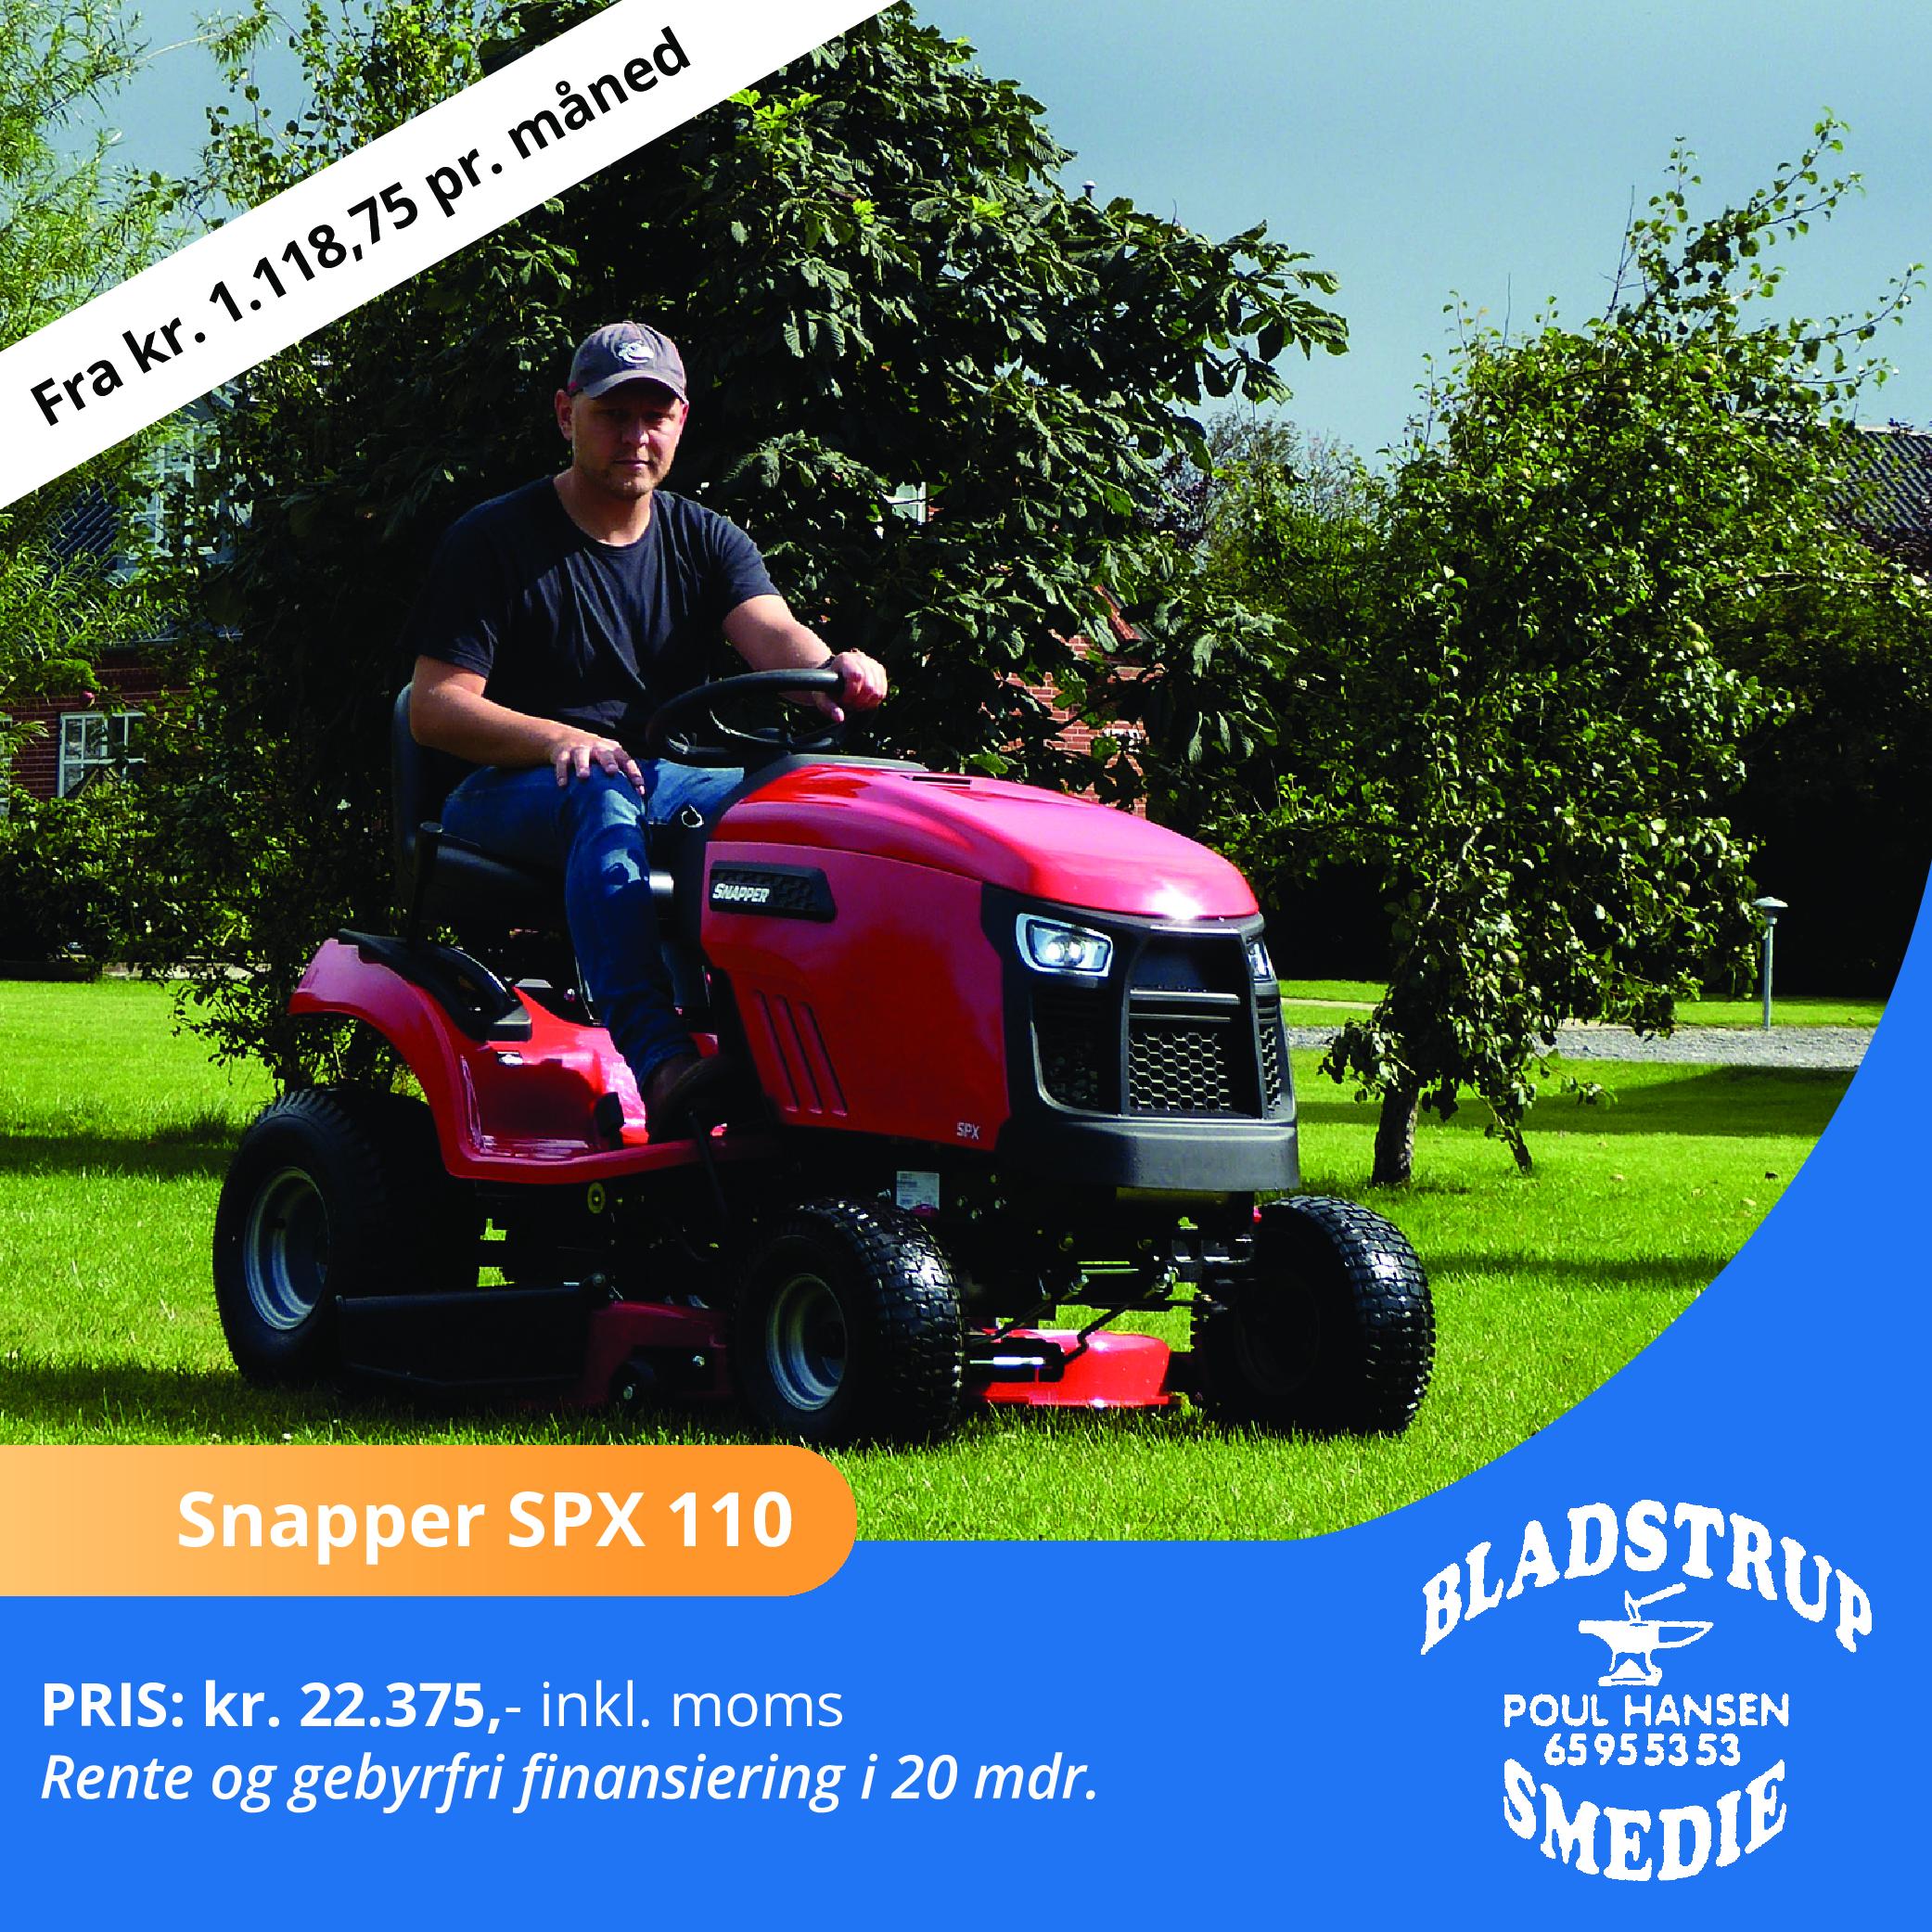 Hos Bladstrup Smedie kan du lige nu finansiere din nye Snapper SPX 110